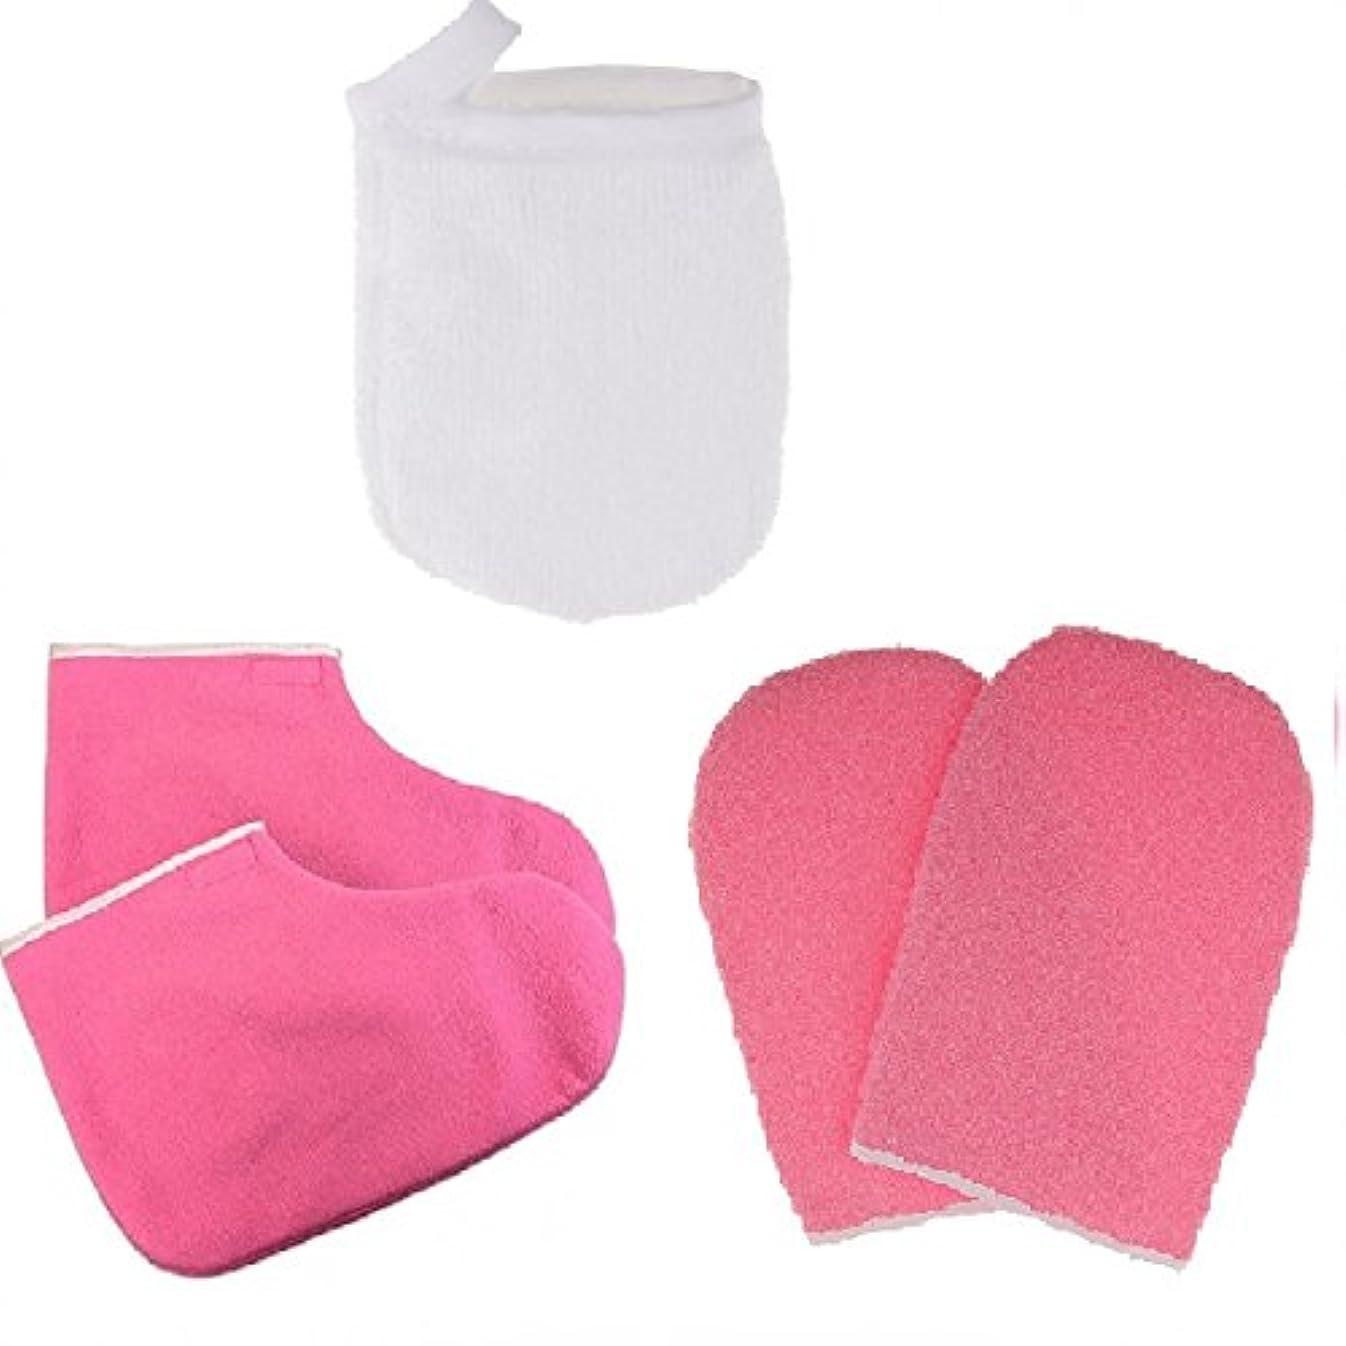 頭そのような胸グローブ パラフィンワックス保護手袋 メイクリムーバー パッド パラフィンワックス手袋